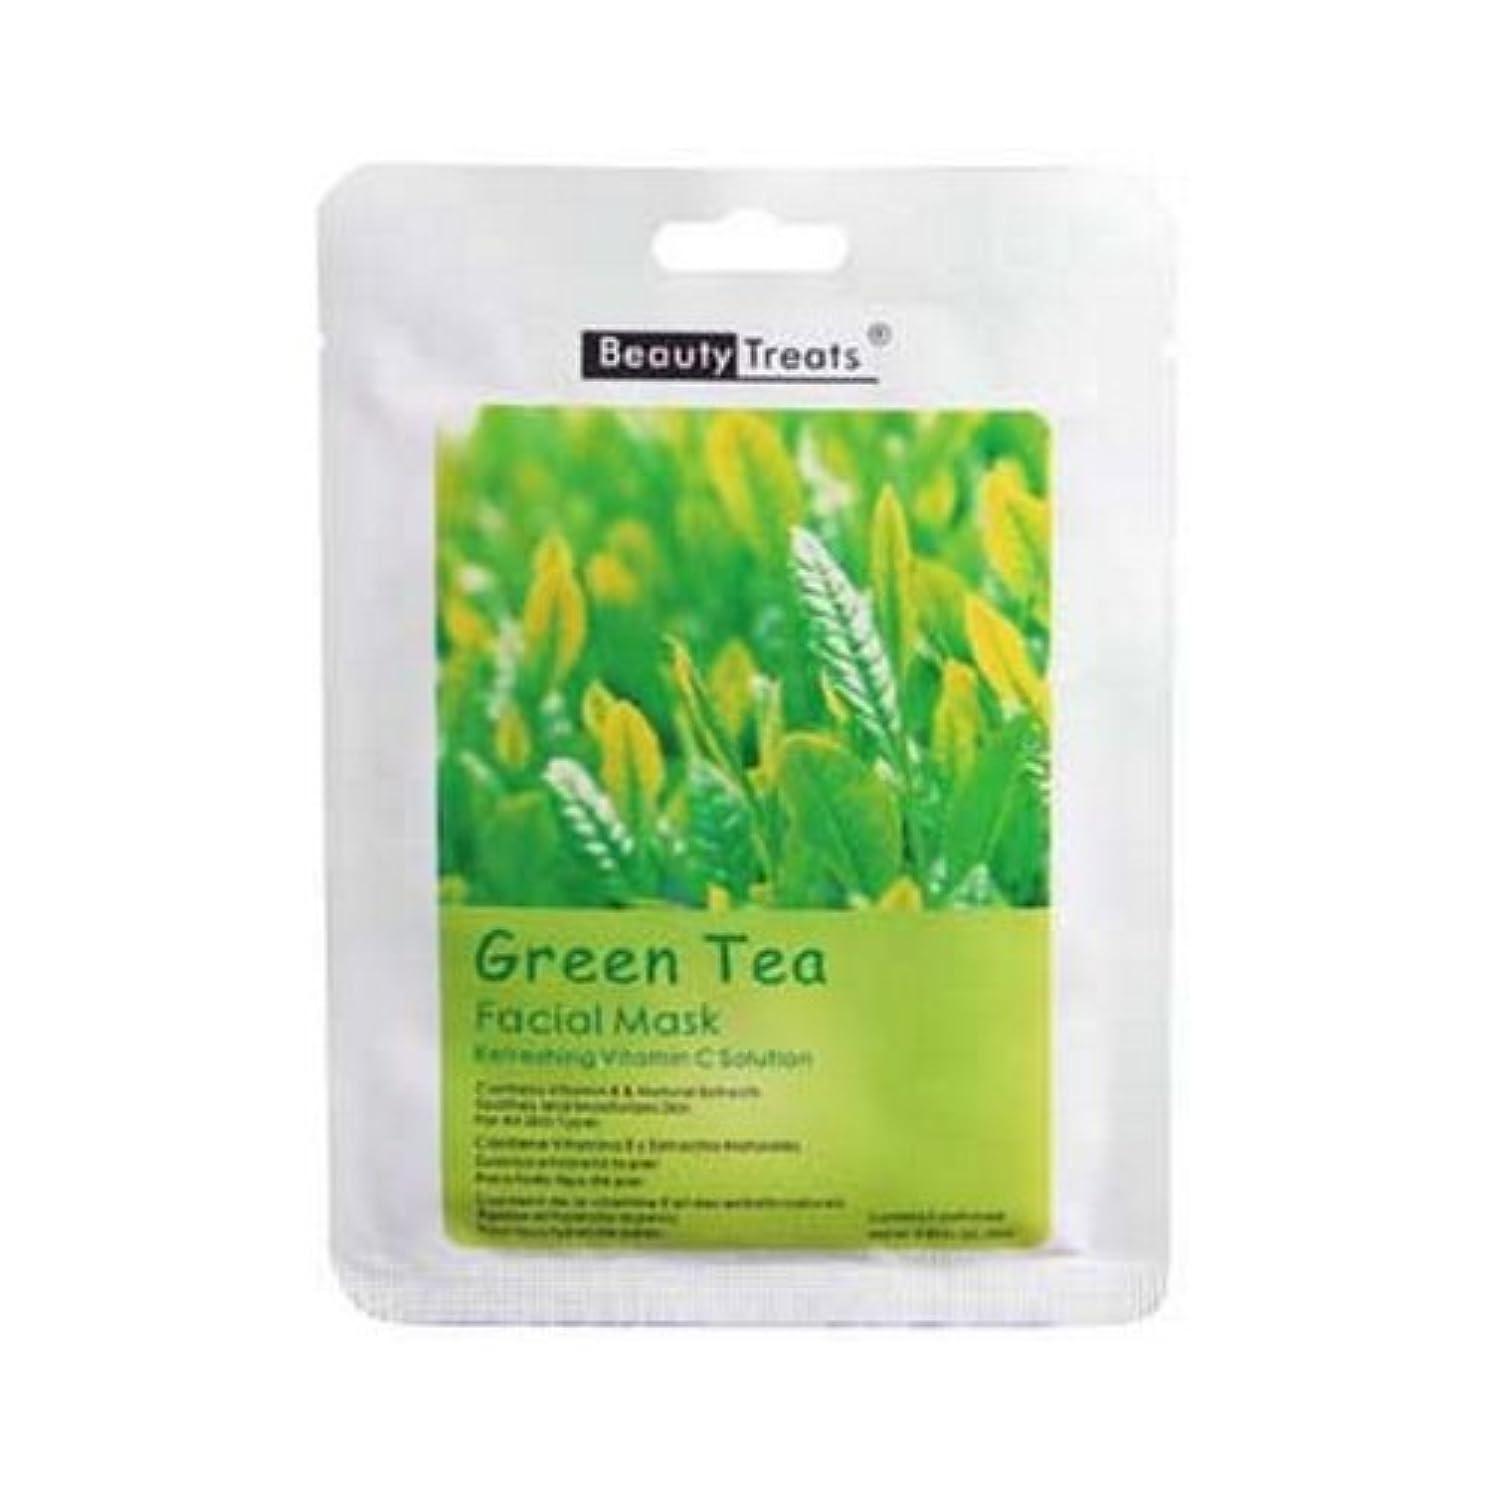 スペイン大西洋大西洋(6 Pack) BEAUTY TREATS Facial Mask Refreshing Vitamin C Solution - Green Tea (並行輸入品)